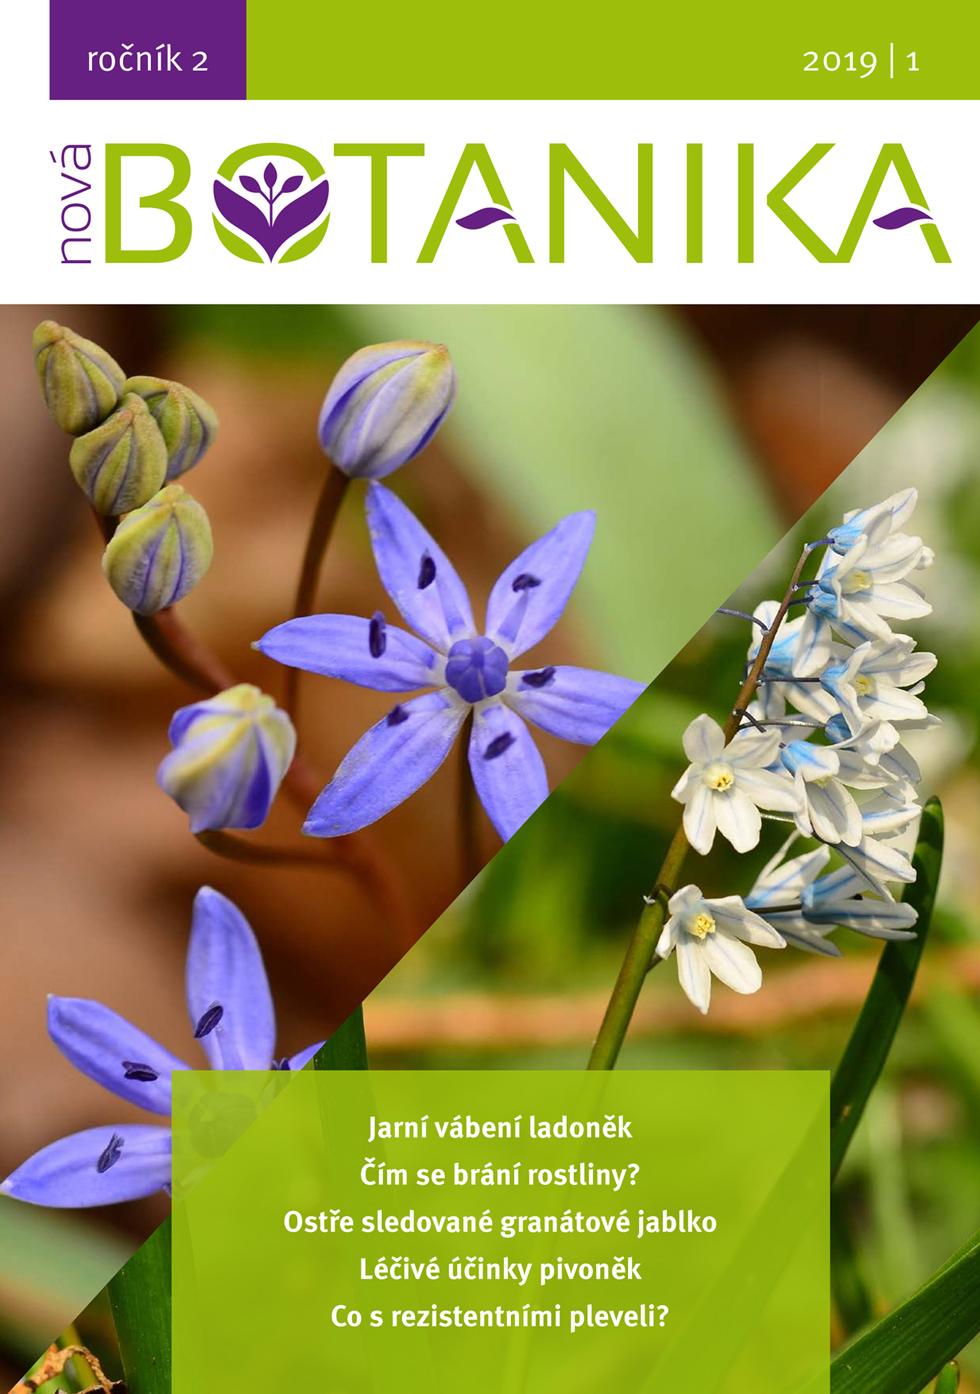 Vychází nové číslo Nové Botaniky